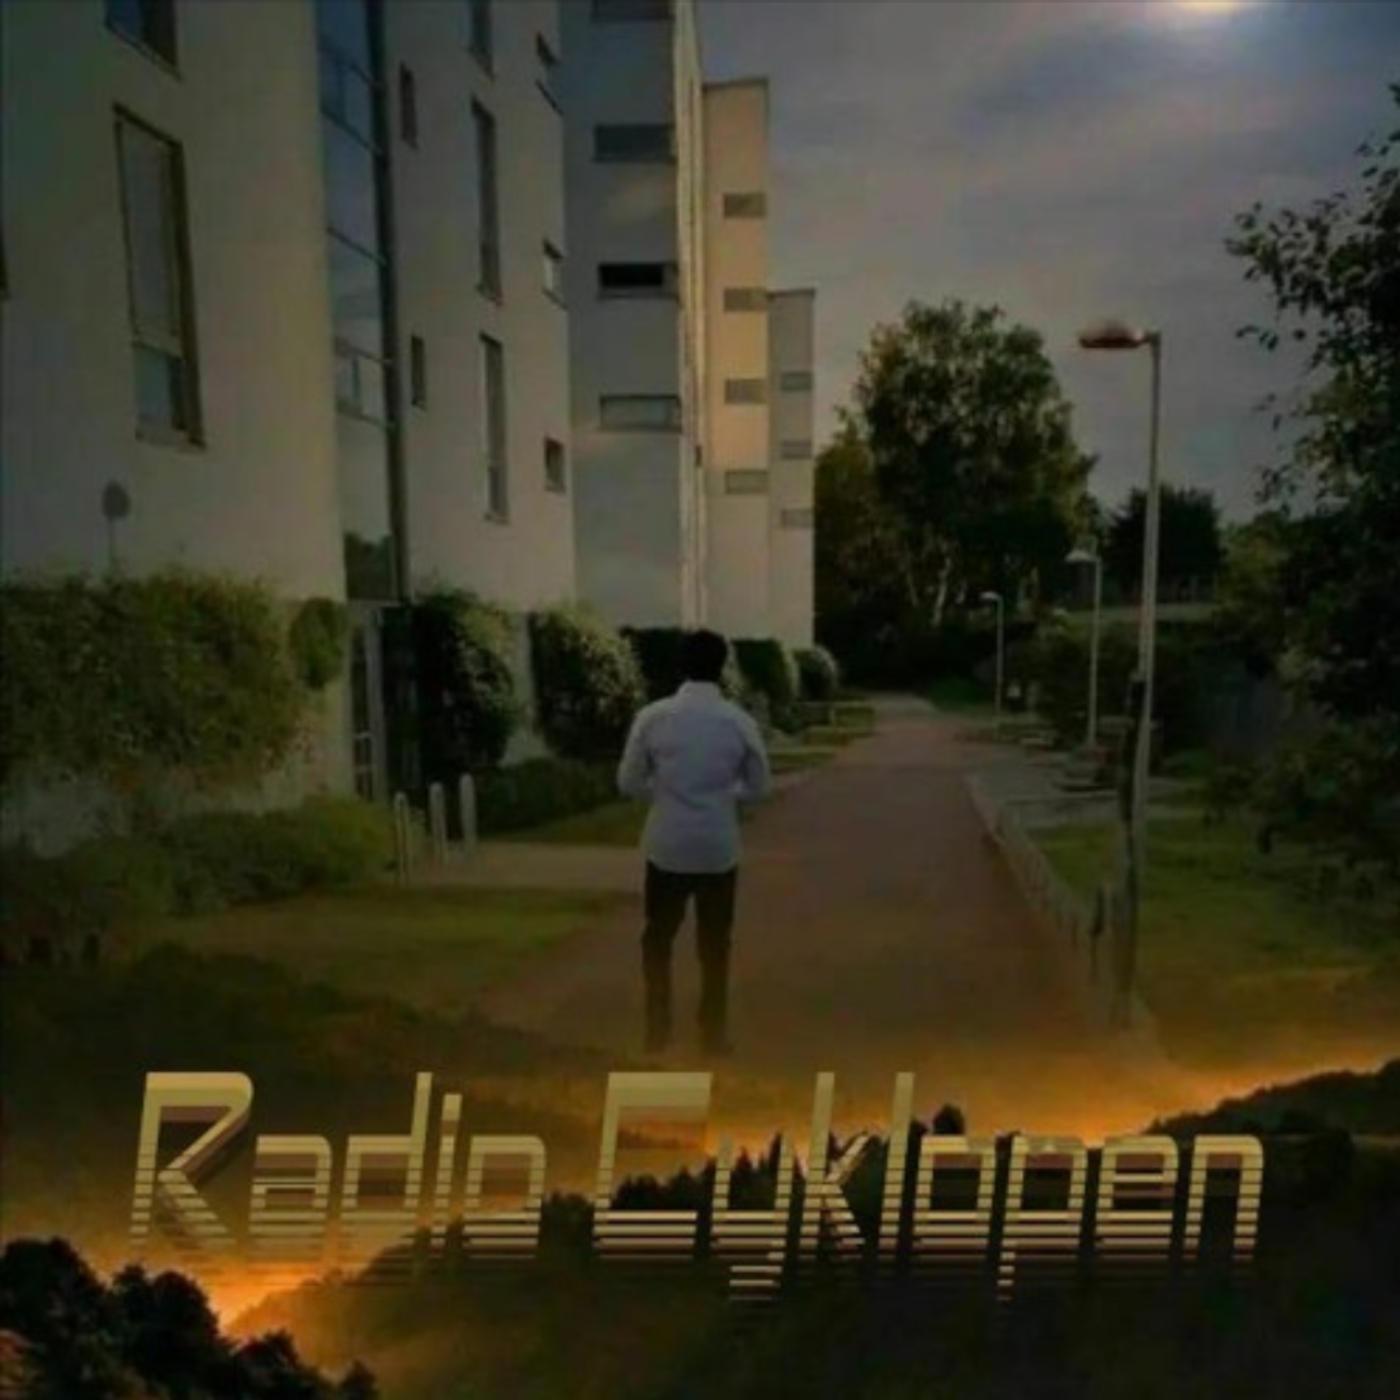 Radio Cyklopen #14: Vad väntar du på?